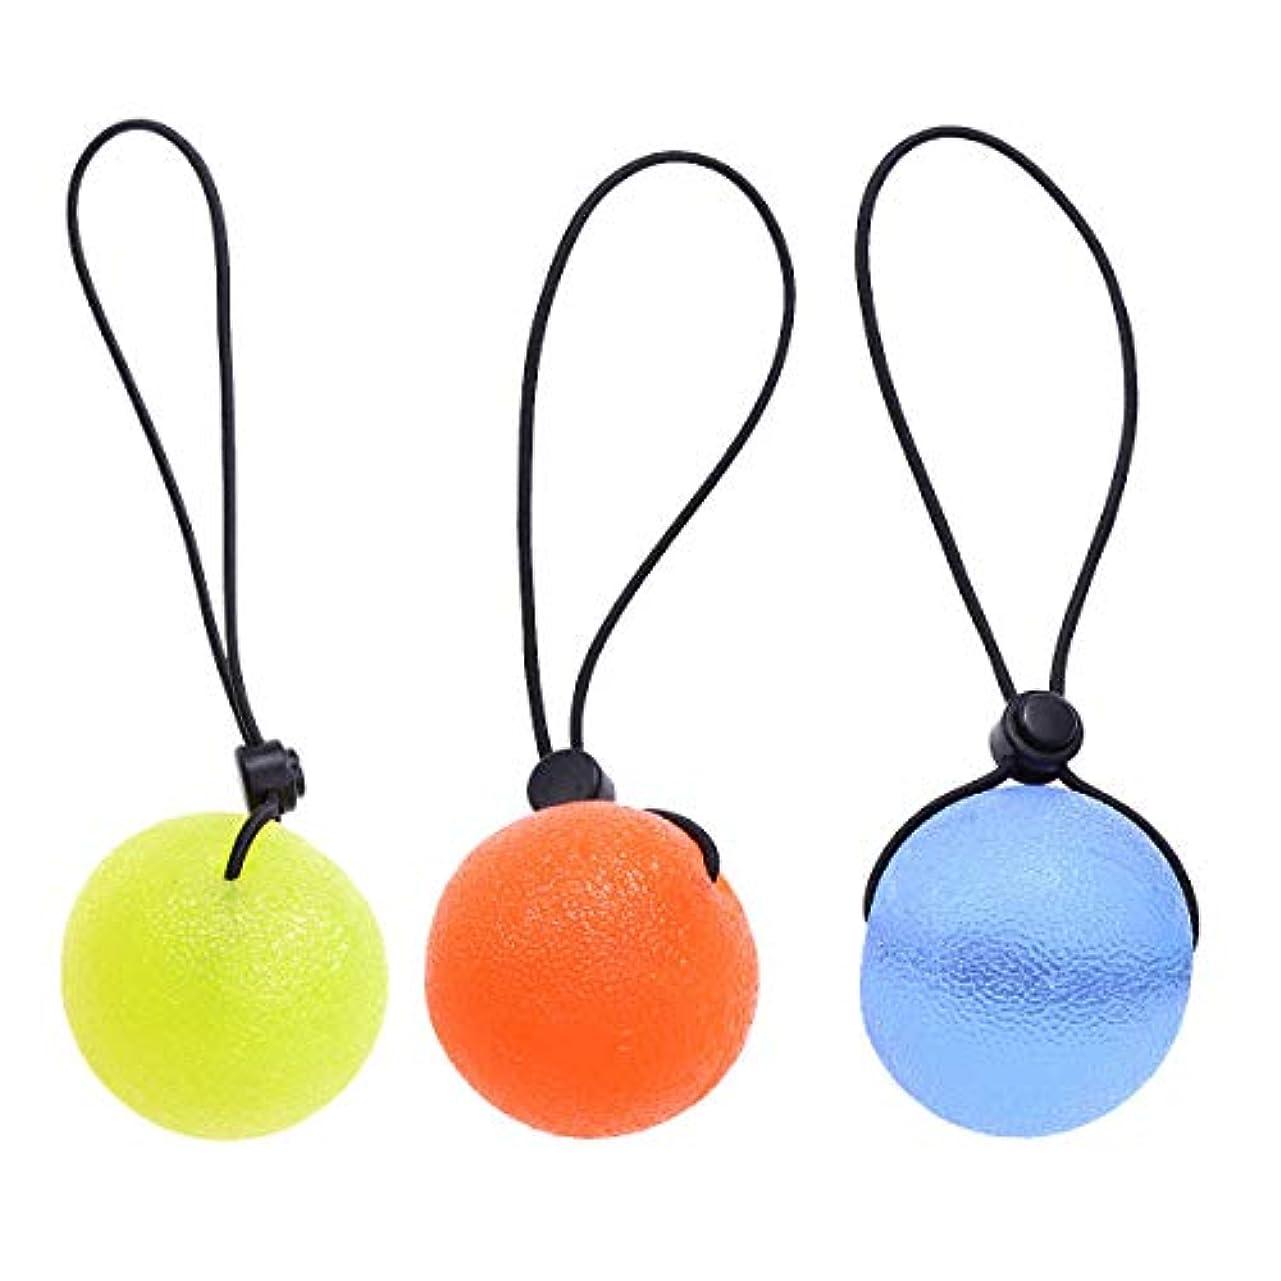 報復最少勝者SUPVOX 3個ハンドグリップ強化剤フィンガーグリップセラピーエクササイズスクイズストレスボール